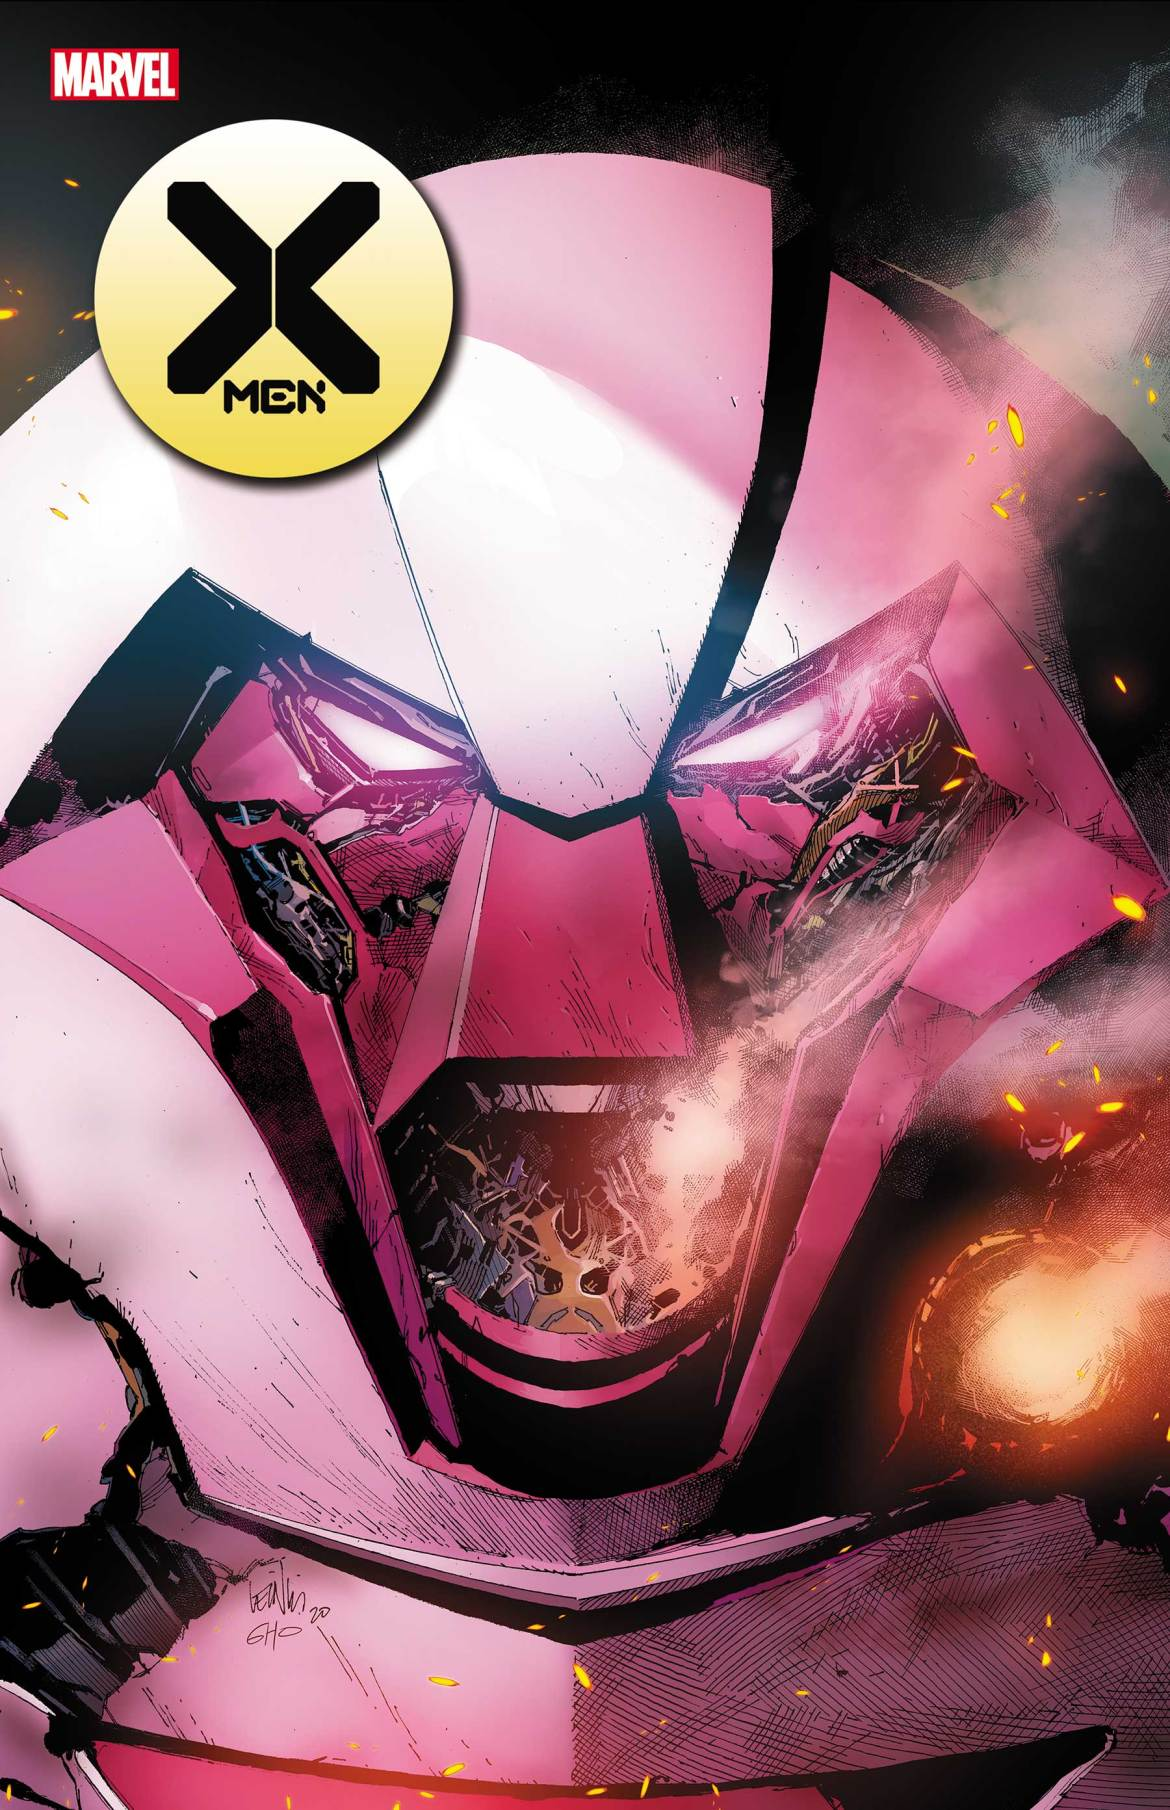 XMEN2019020_cov-1 Marvel Comics May 2021 Solicitations